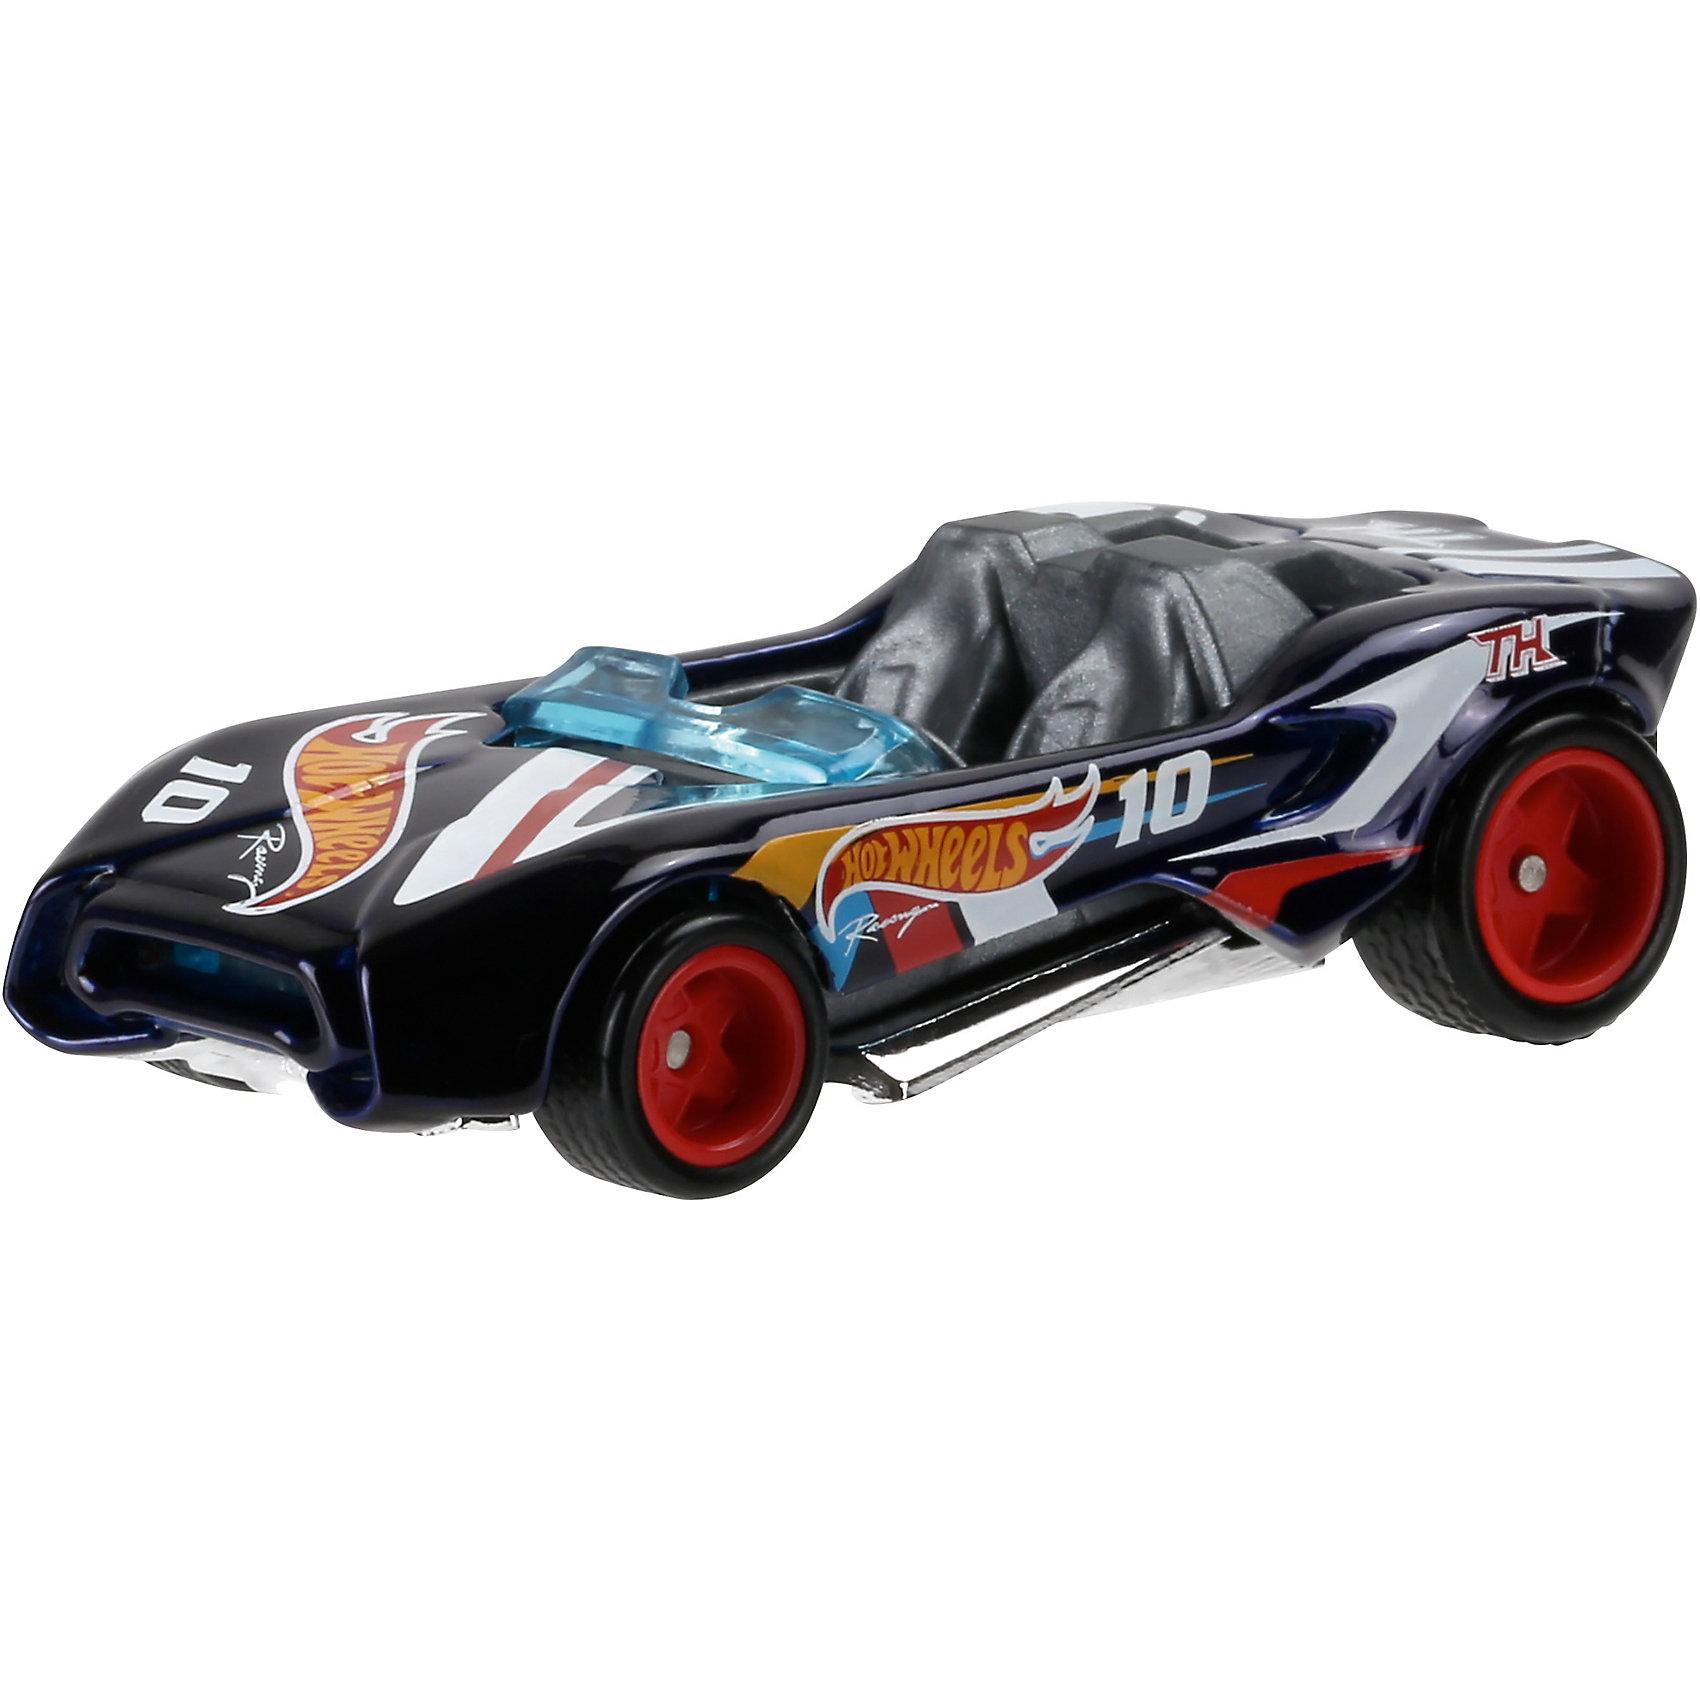 Машинка Hot Wheels из базовой коллекцииМашинка Hot Wheels из базовой коллекции – высококачественная масштабная модель машины, имеющая неординарный, радикальный дизайн. <br><br>В упаковке 1 машинка,  машинки тематически обусловлены от фантазийных, спасательных до экстремальных и просто скоростных машин. <br><br>Соберите свою коллекцию машинок Hot Wheels!<br><br>Дополнительная информация: <br><br>Машинка стандартного размера Hot Wheels<br>Размер упаковки: 11 х 10,5 х 3,5 см<br><br>Ширина мм: 110<br>Глубина мм: 45<br>Высота мм: 110<br>Вес г: 30<br>Возраст от месяцев: 36<br>Возраст до месяцев: 96<br>Пол: Мужской<br>Возраст: Детский<br>SKU: 5033406